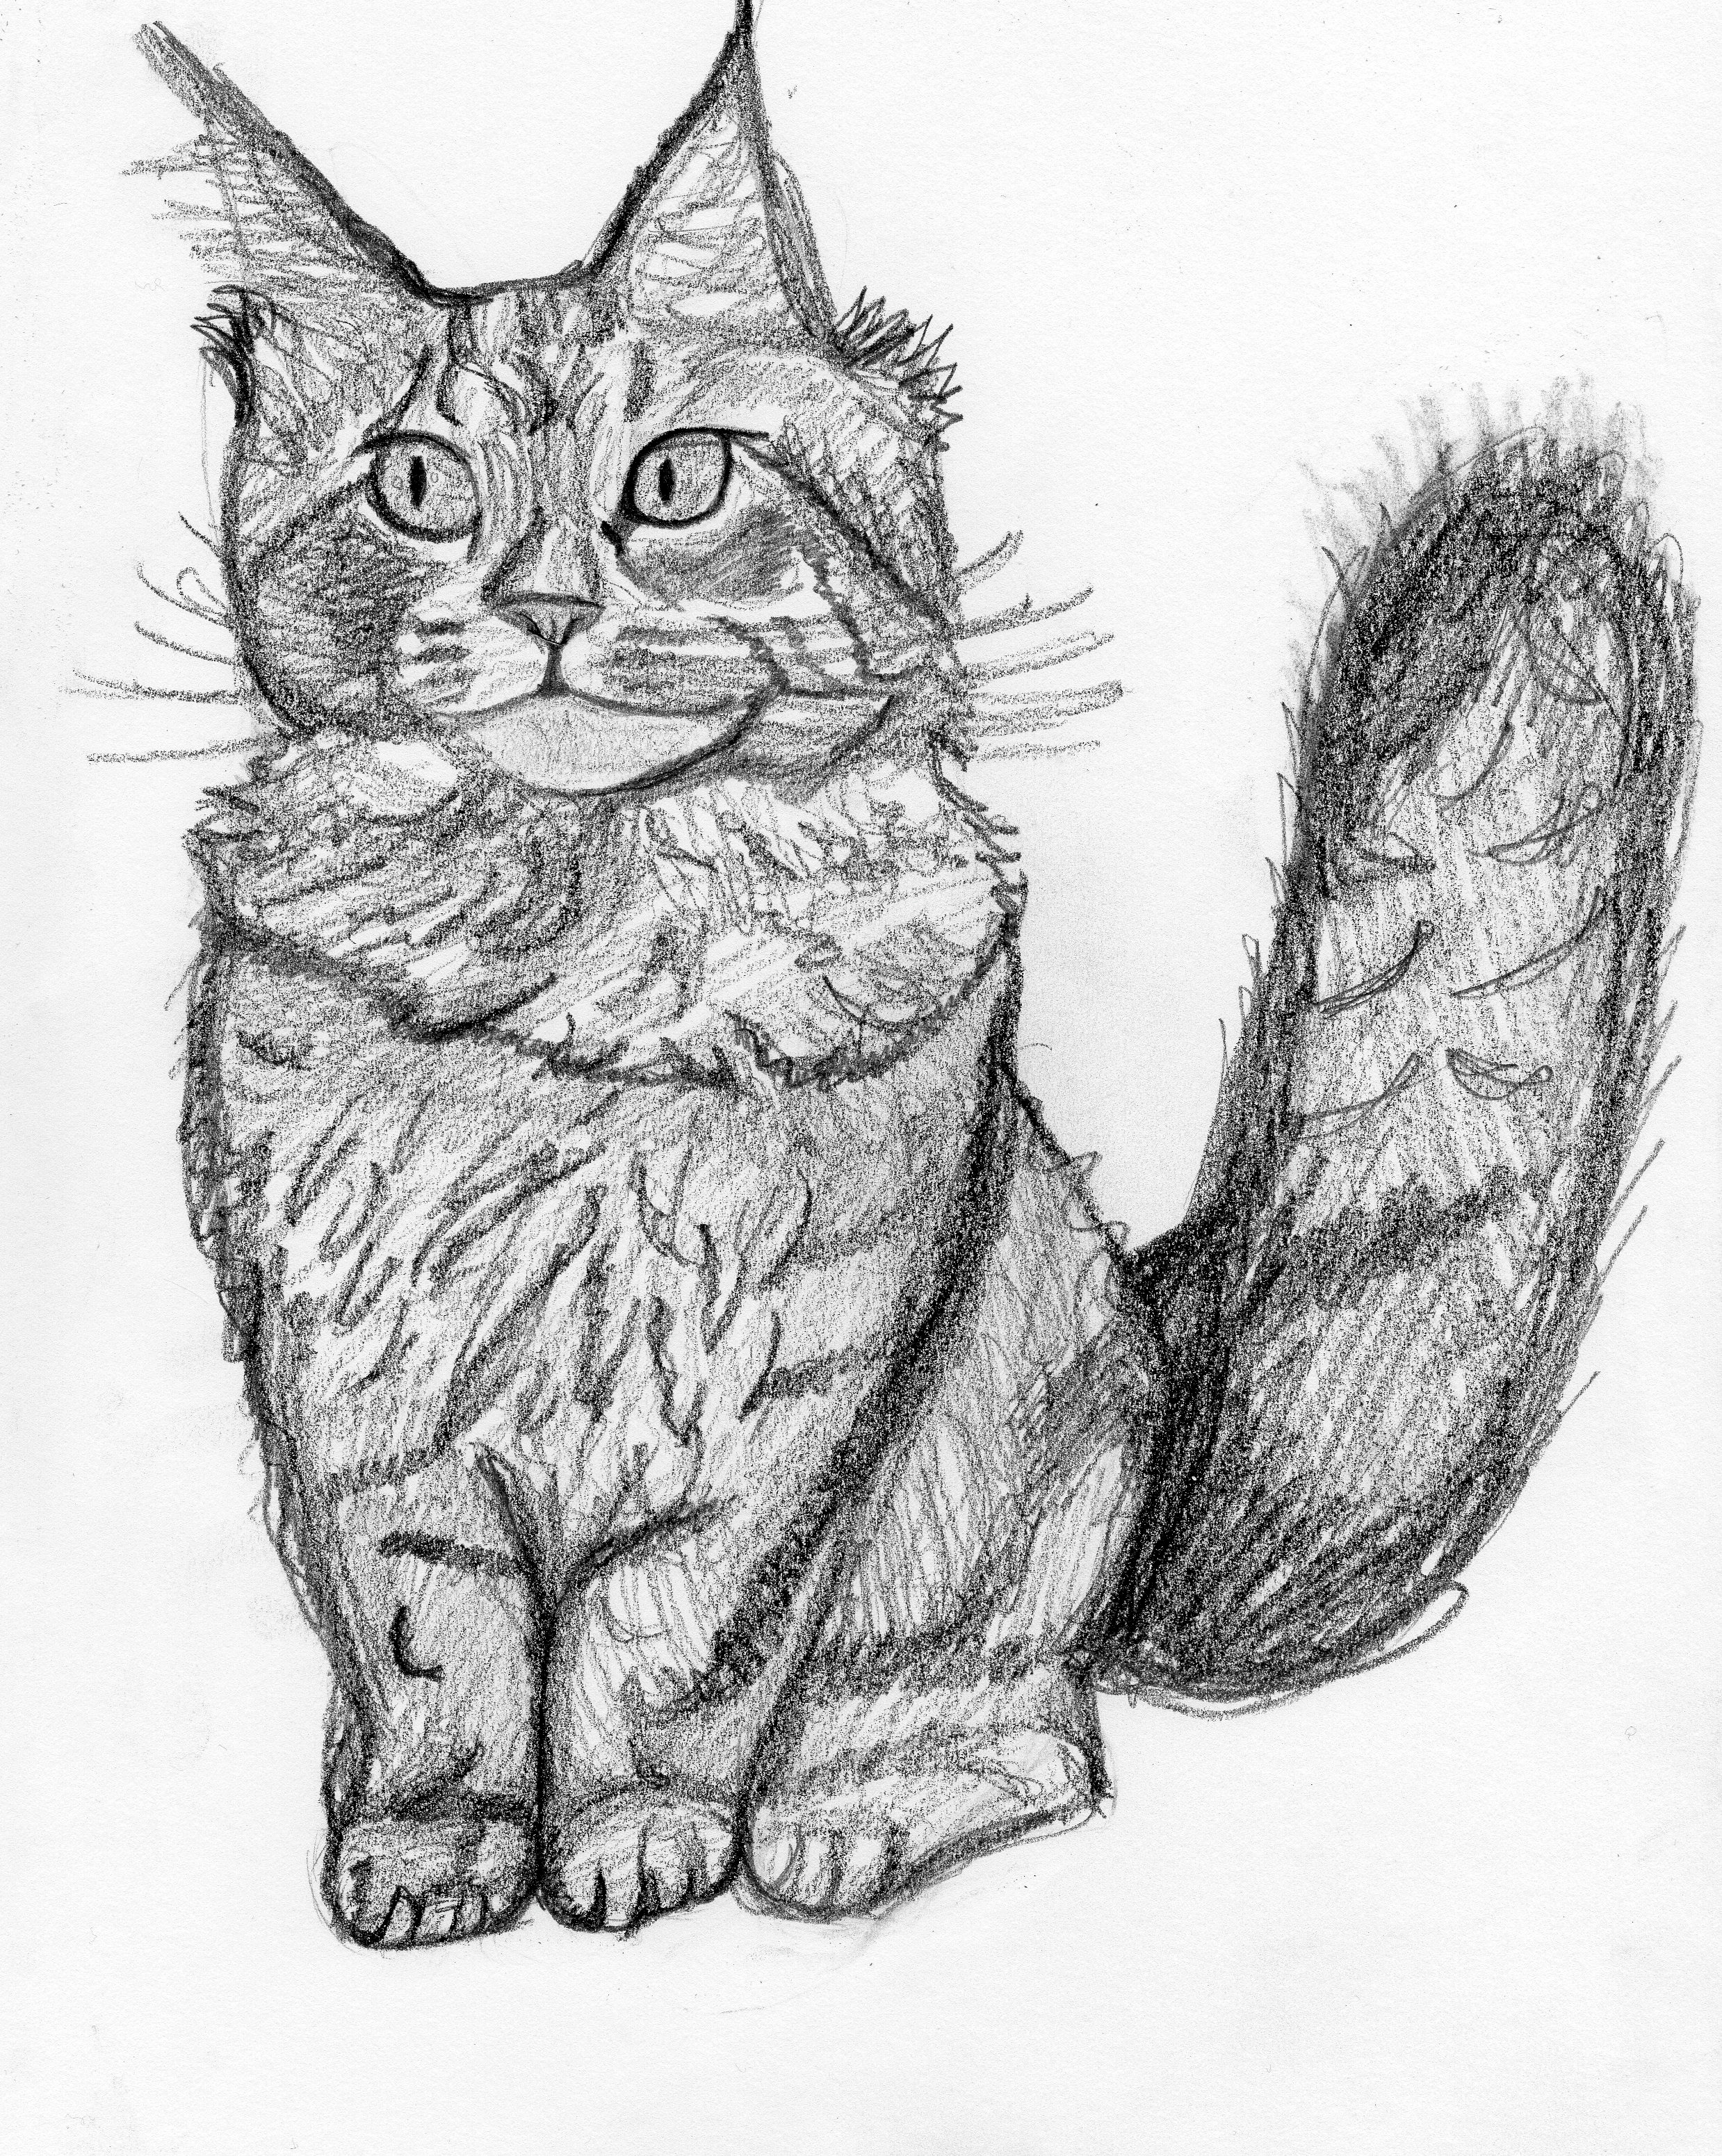 This Cat Sketch